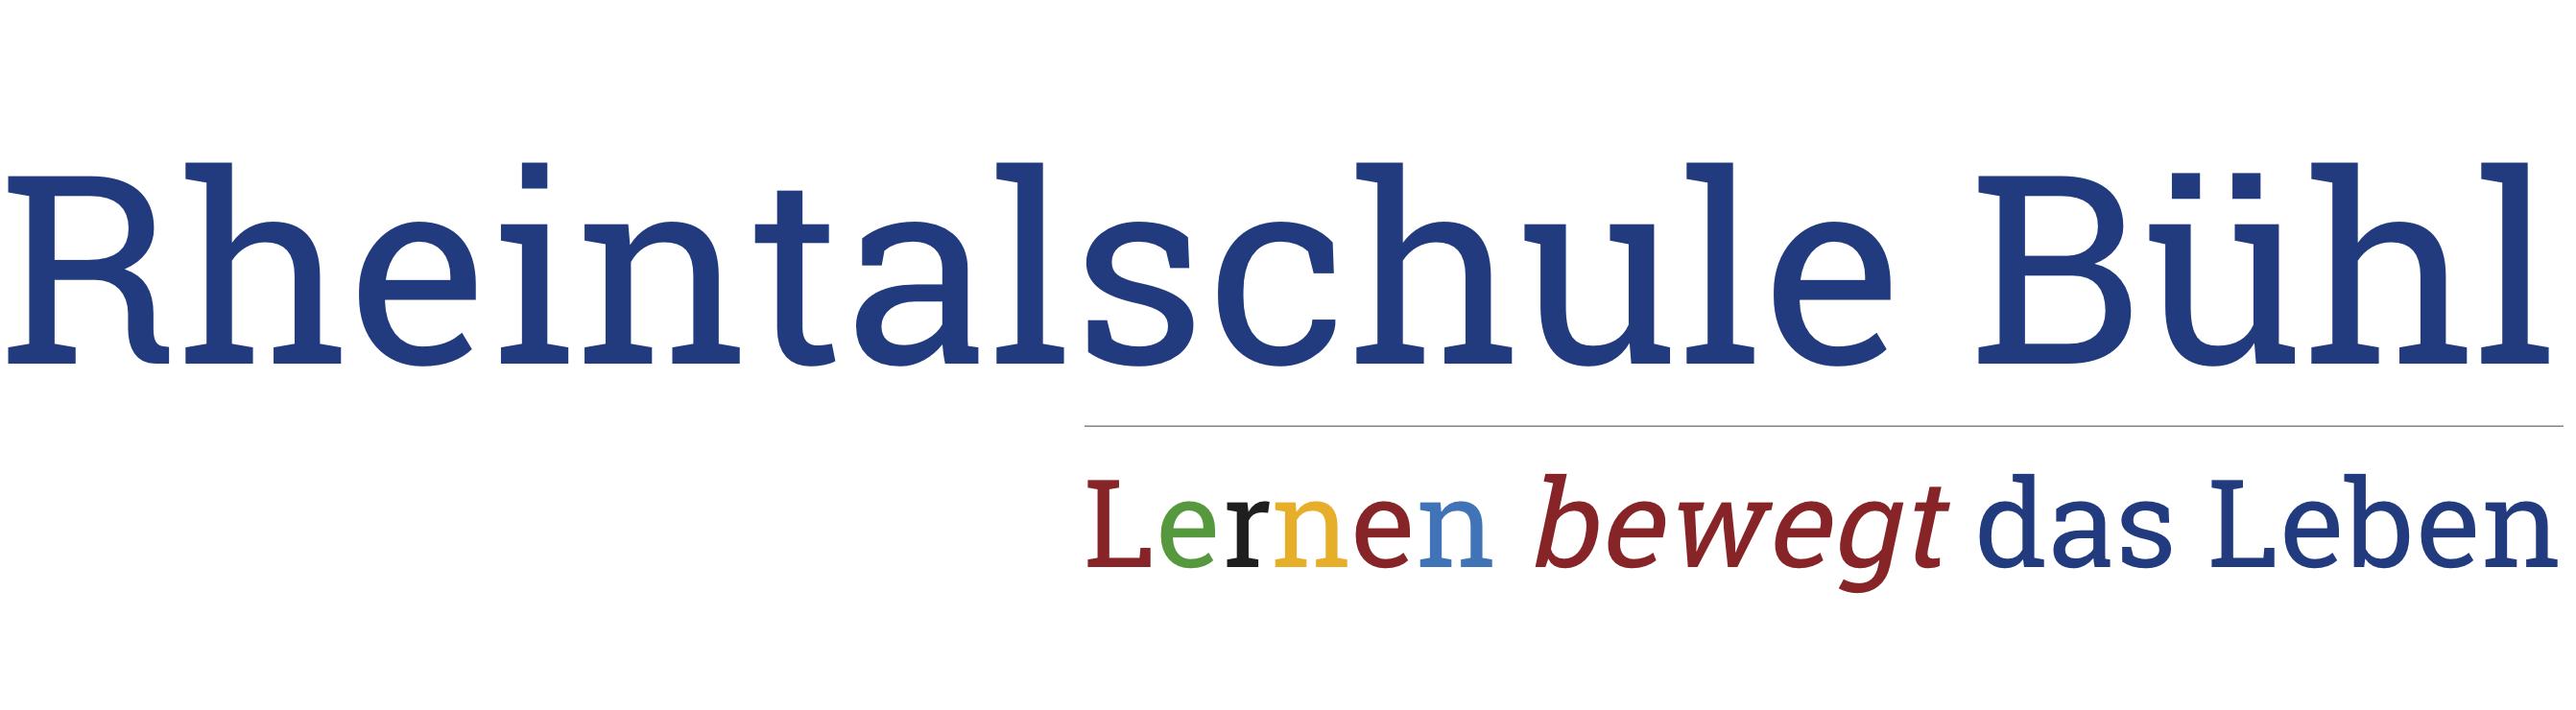 Rheintalschule Bühl - Sonderpädagogisches Bildungs- und Beratungszentrum (SBBZ) mit dem Förderschwerpunkt Lernen